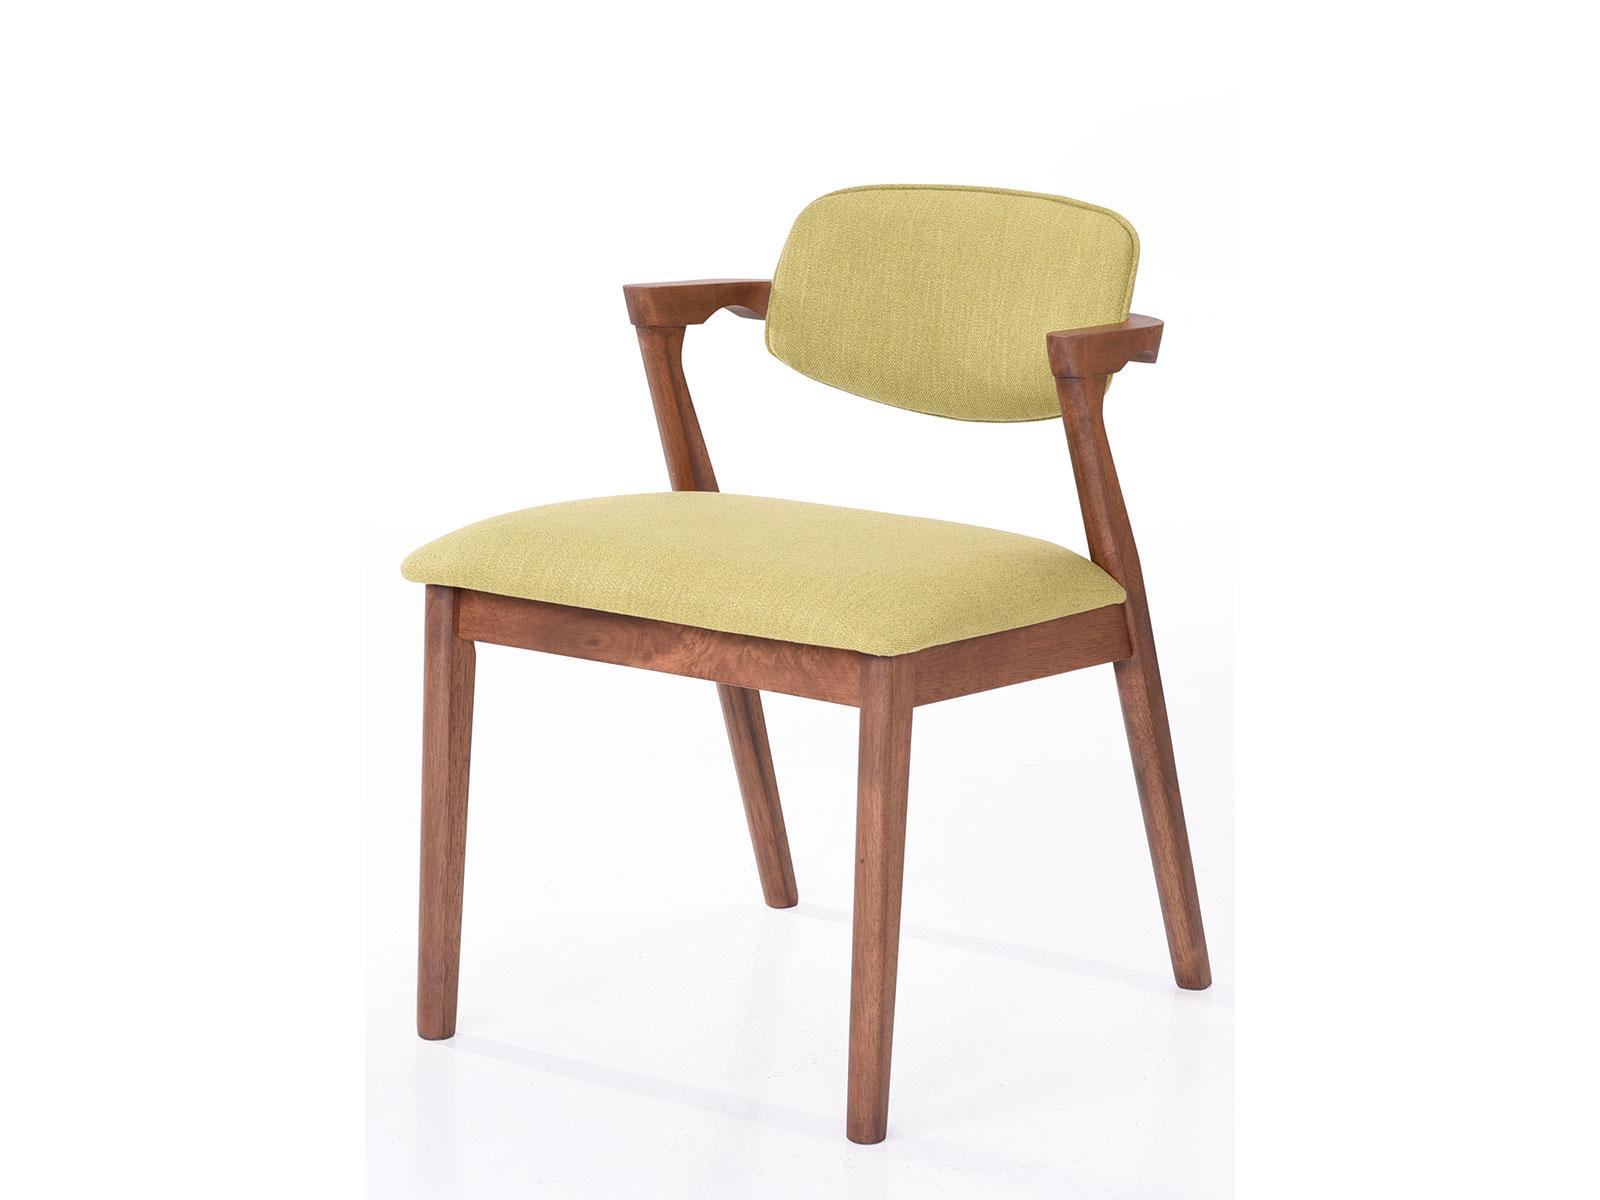 Scaun tapitat cu stofa water resistant, cu picioare din lemn Ivonne Verde, l59xA45xH79,5 cm